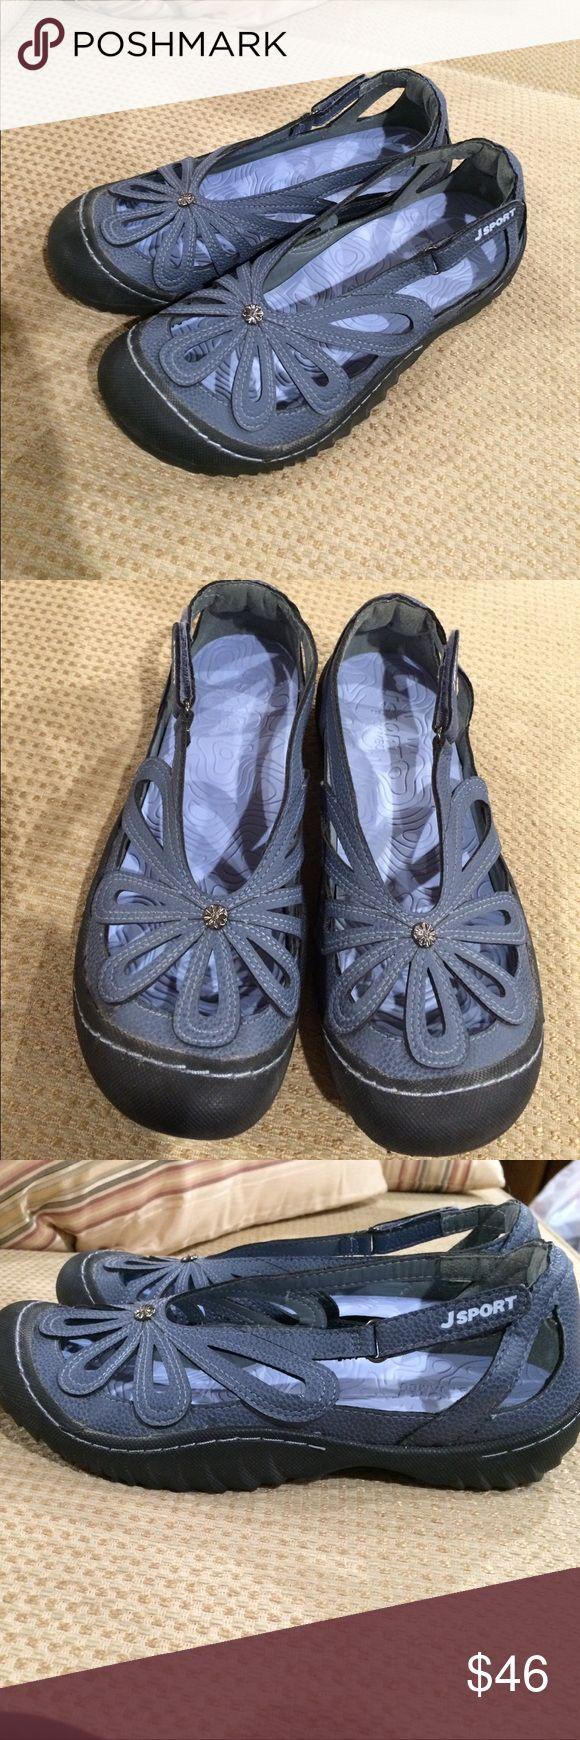 Jambu Shoes Size